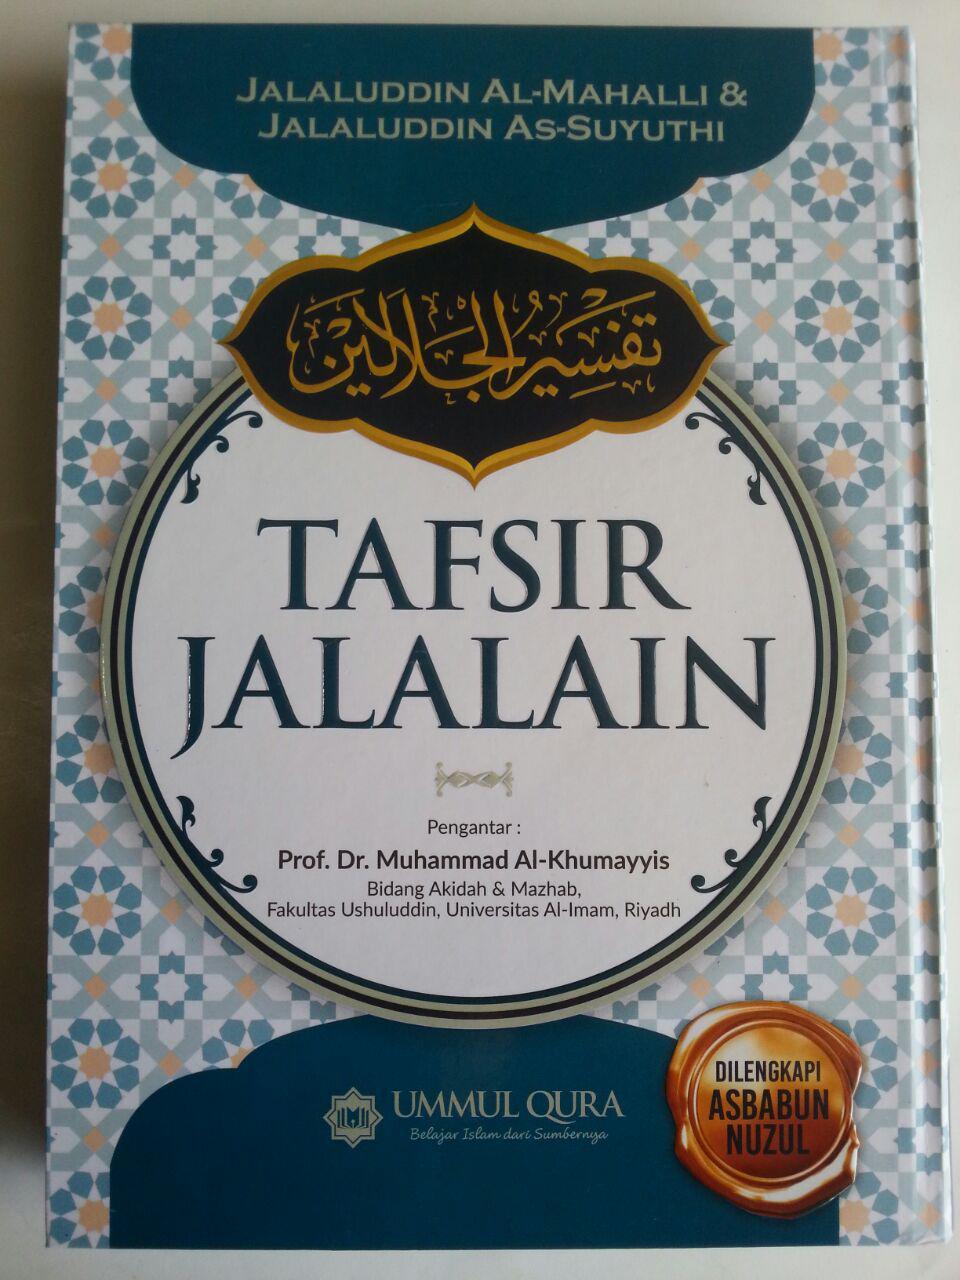 Buku Tafsir Jalalain Dilengkapi Asbabun Nuzul cover 2